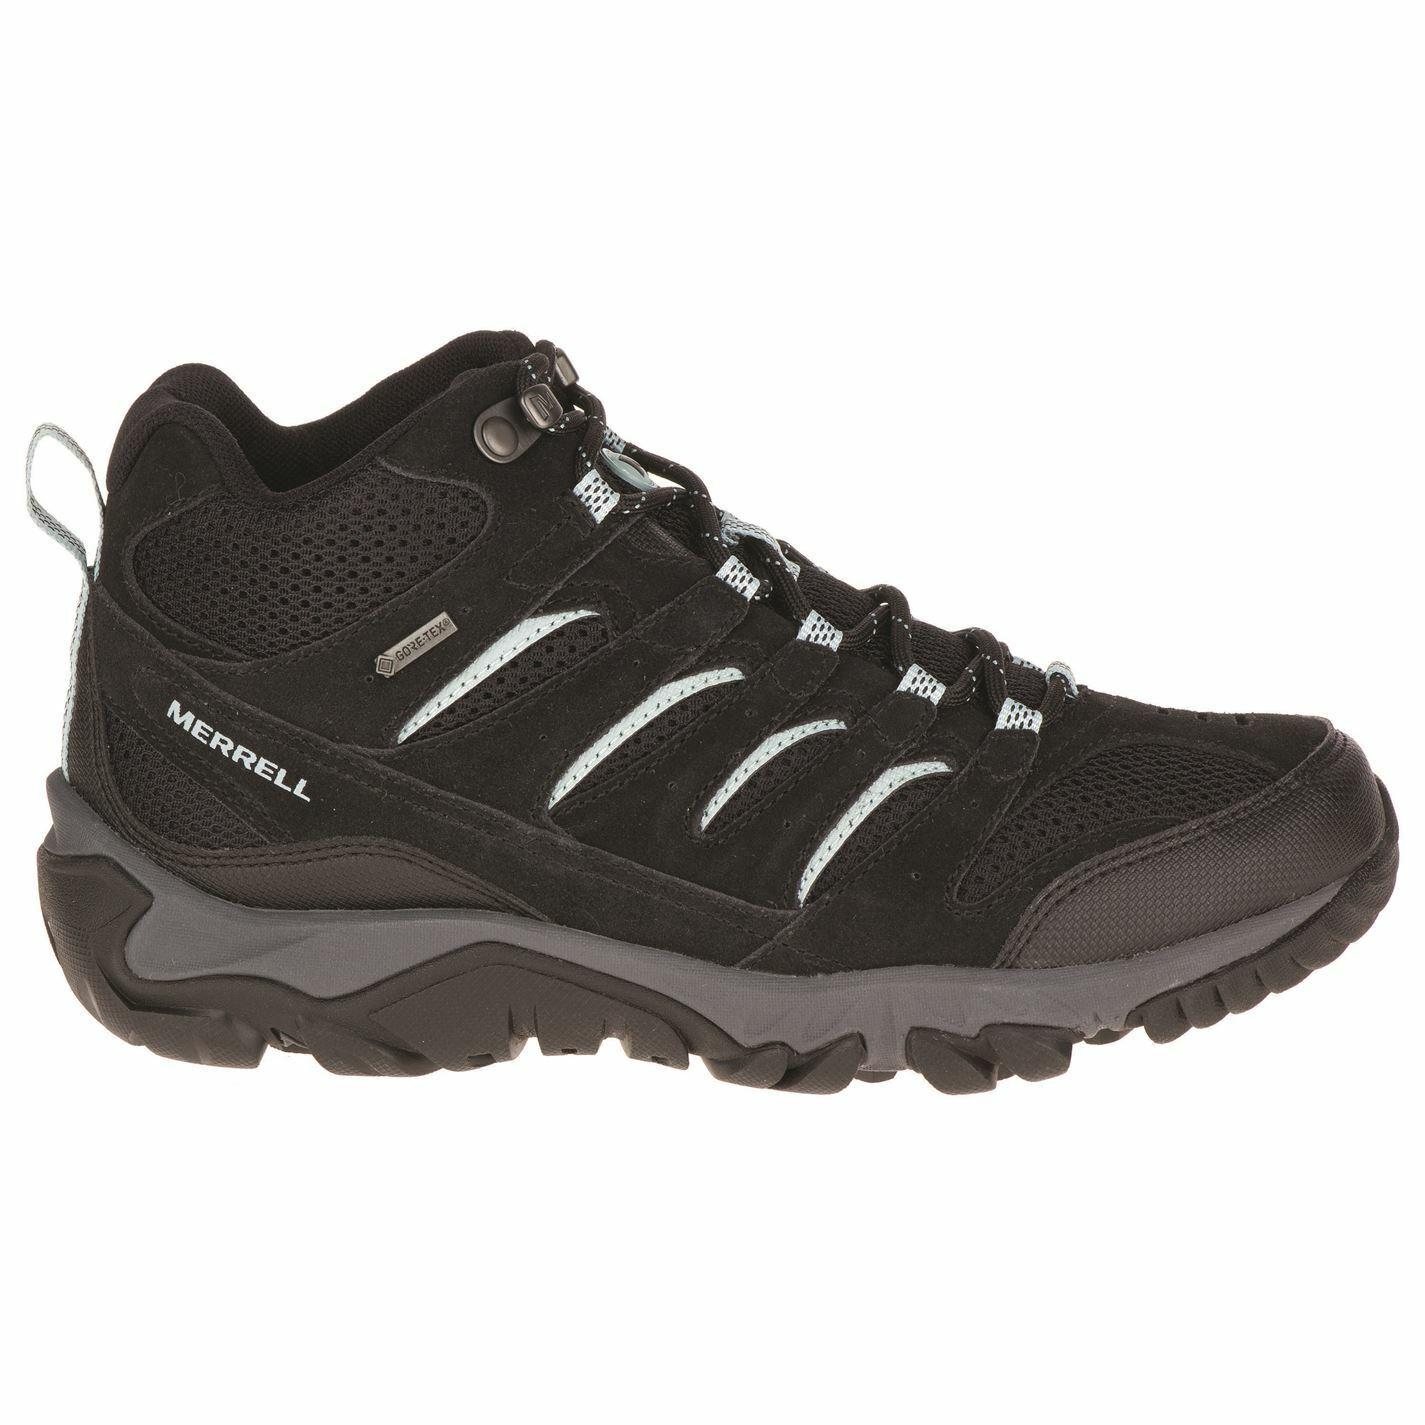 Merrell  Womens Pine Mid LdsCL99 Waterproof Walking Boots  shop online